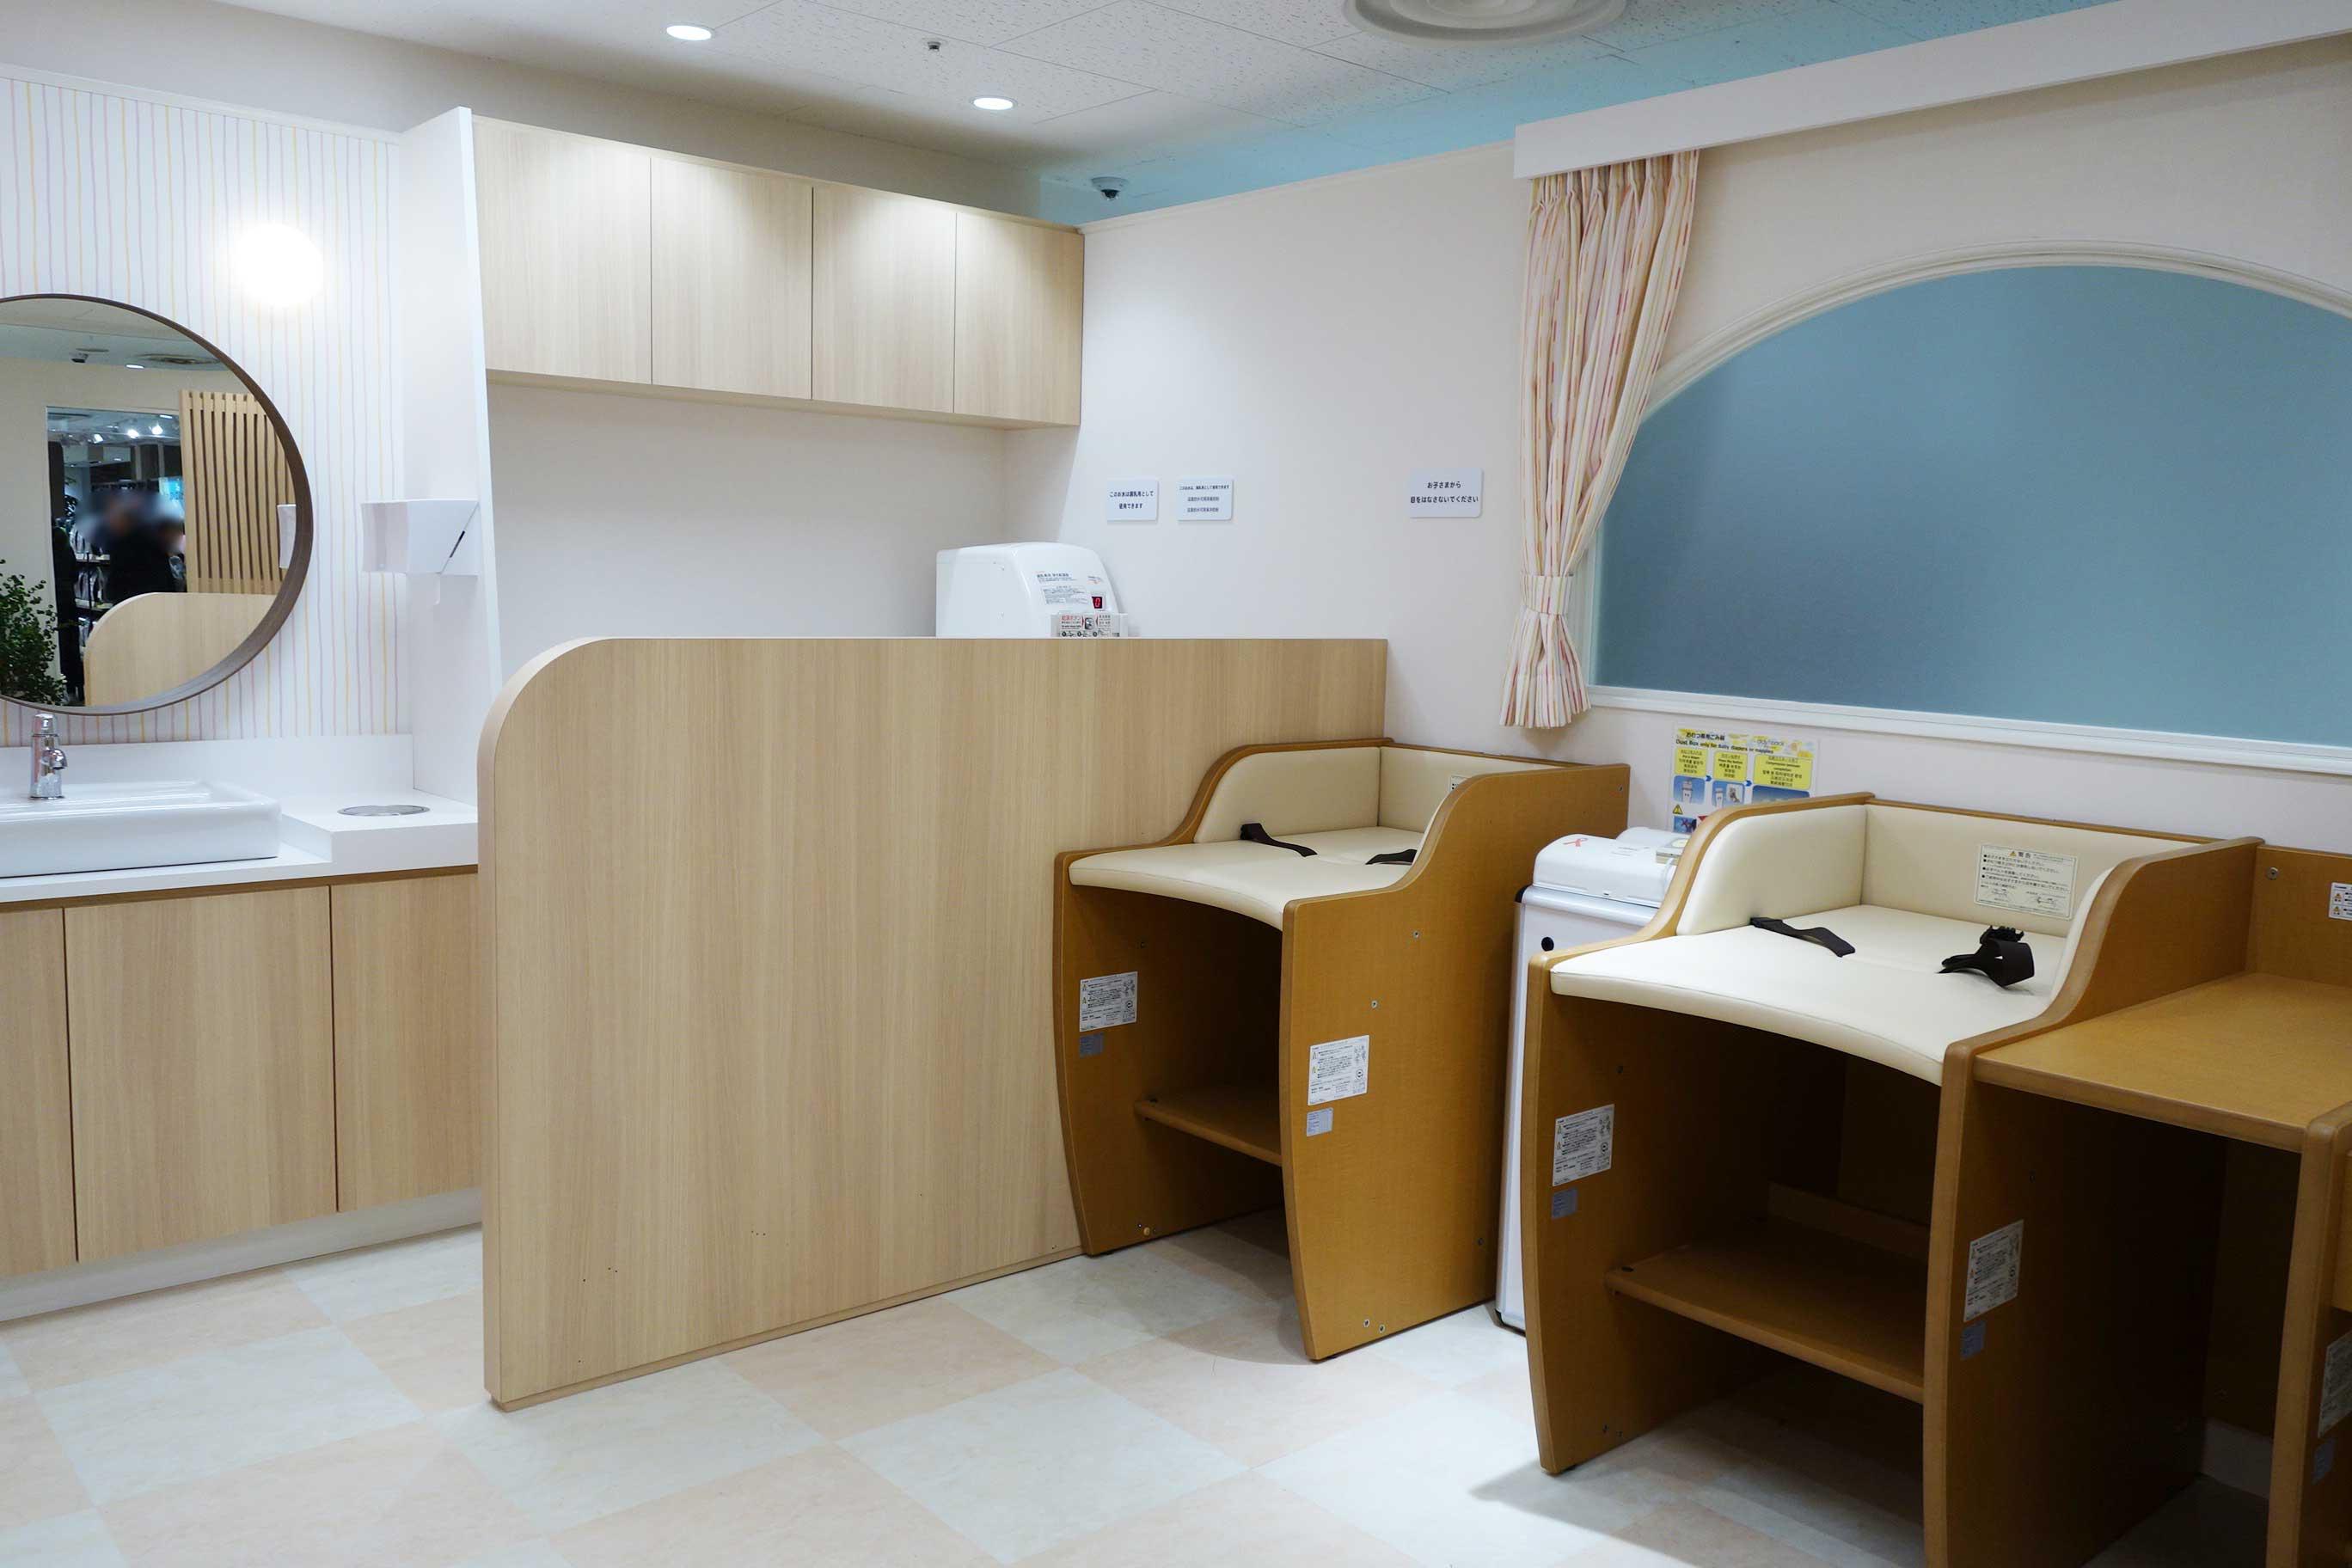 ベビールームには授乳室や調乳用の水なども準備